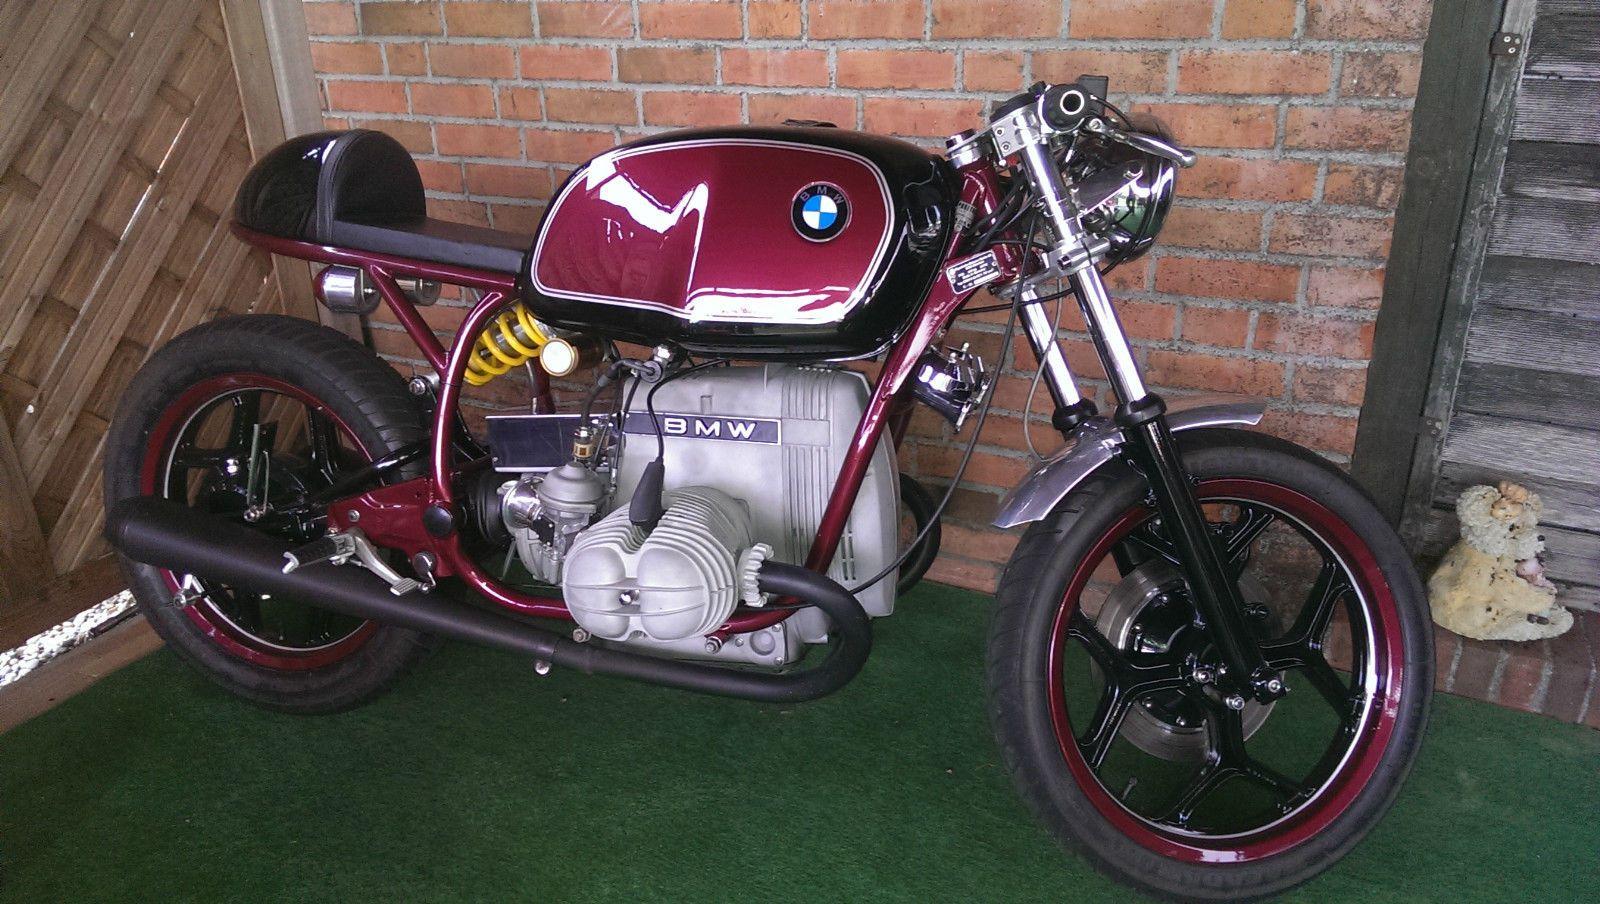 Bmw r80 Cafe Racer Bobber | eBay